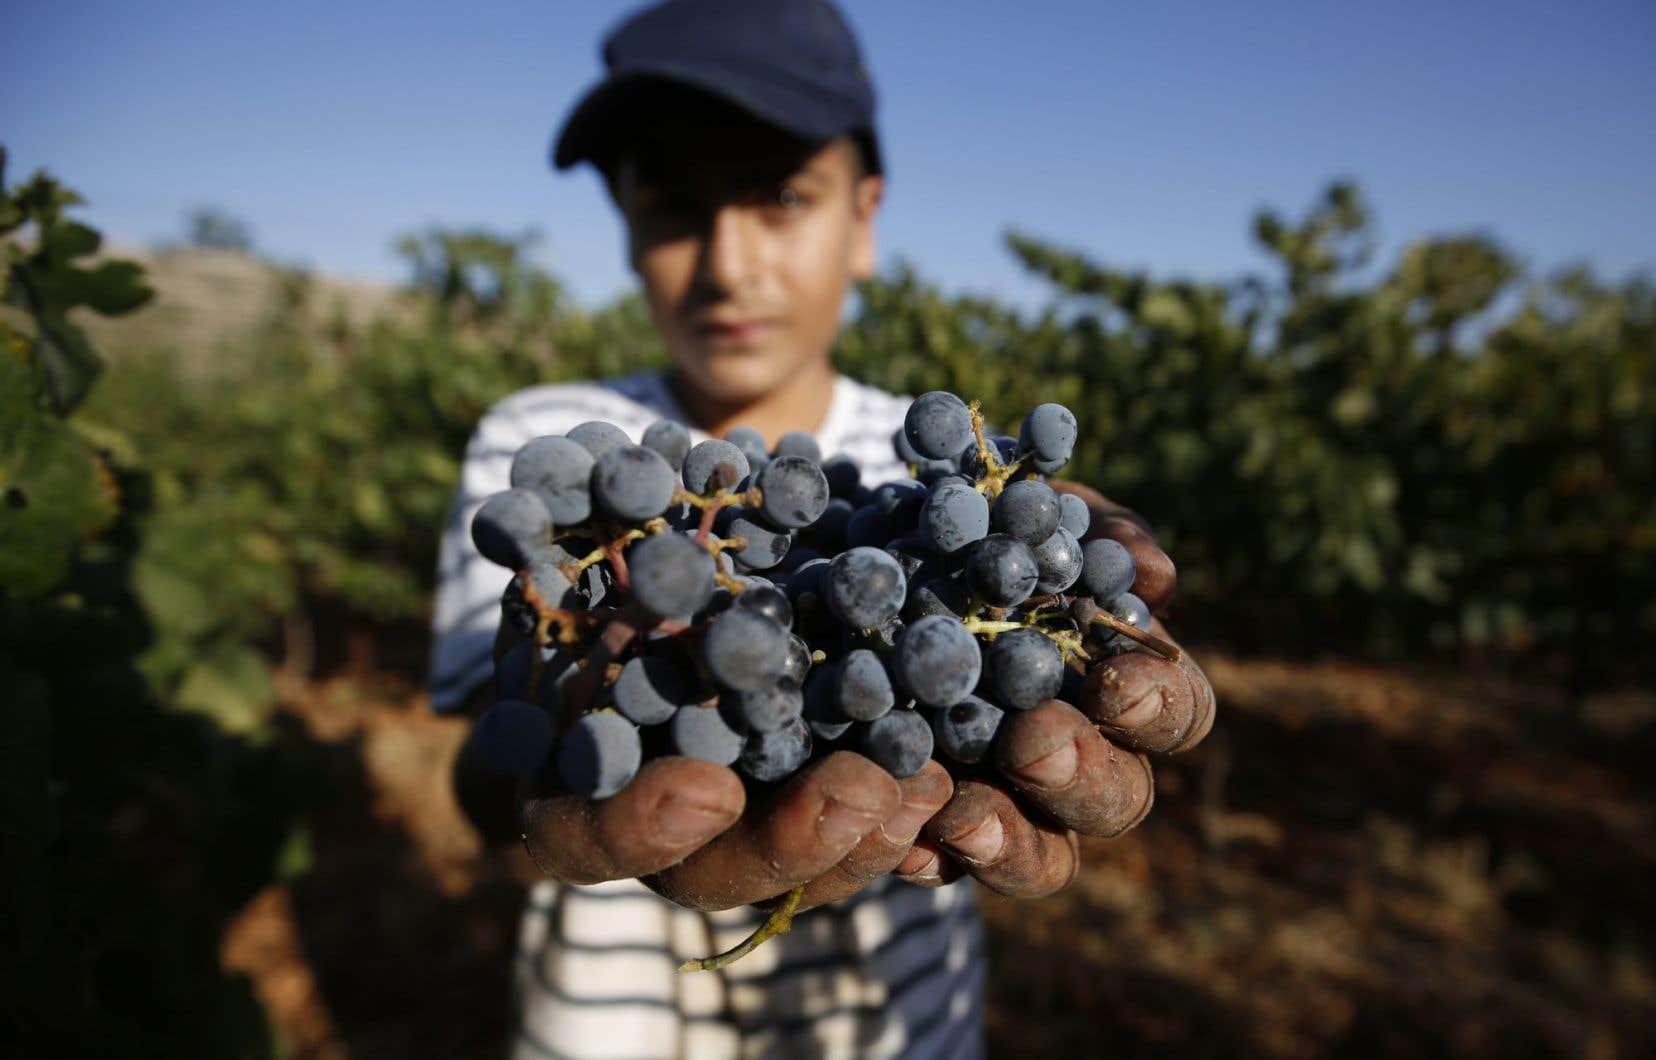 Les vignes couvrent près de 5% des terres cultivées de Cisjordanie et produisent chaque année plus de 50000 tonnes de raisin.